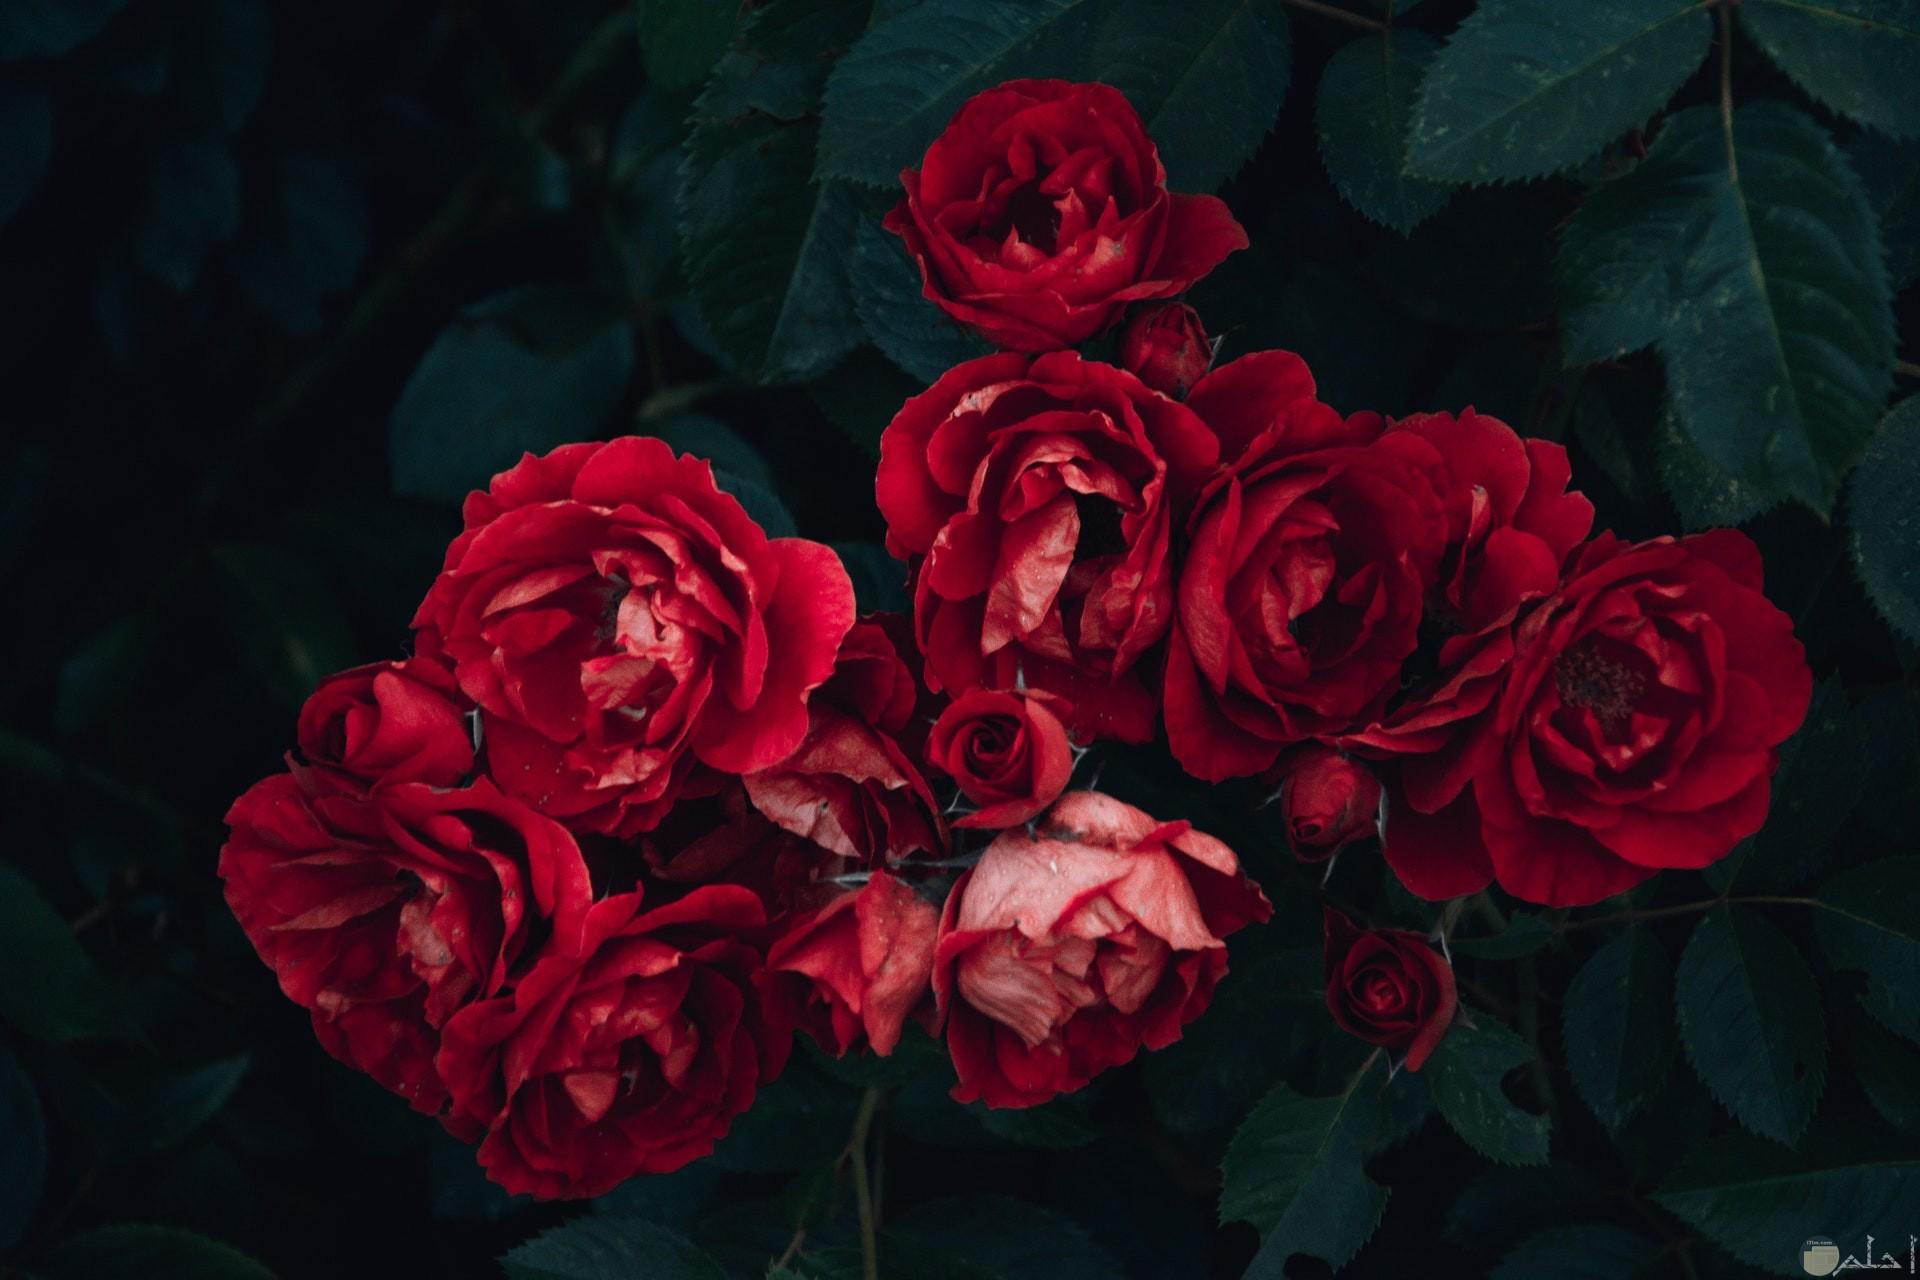 صورة مميزة لمجموعة ورود حمراء حلوة وجميلة جدا